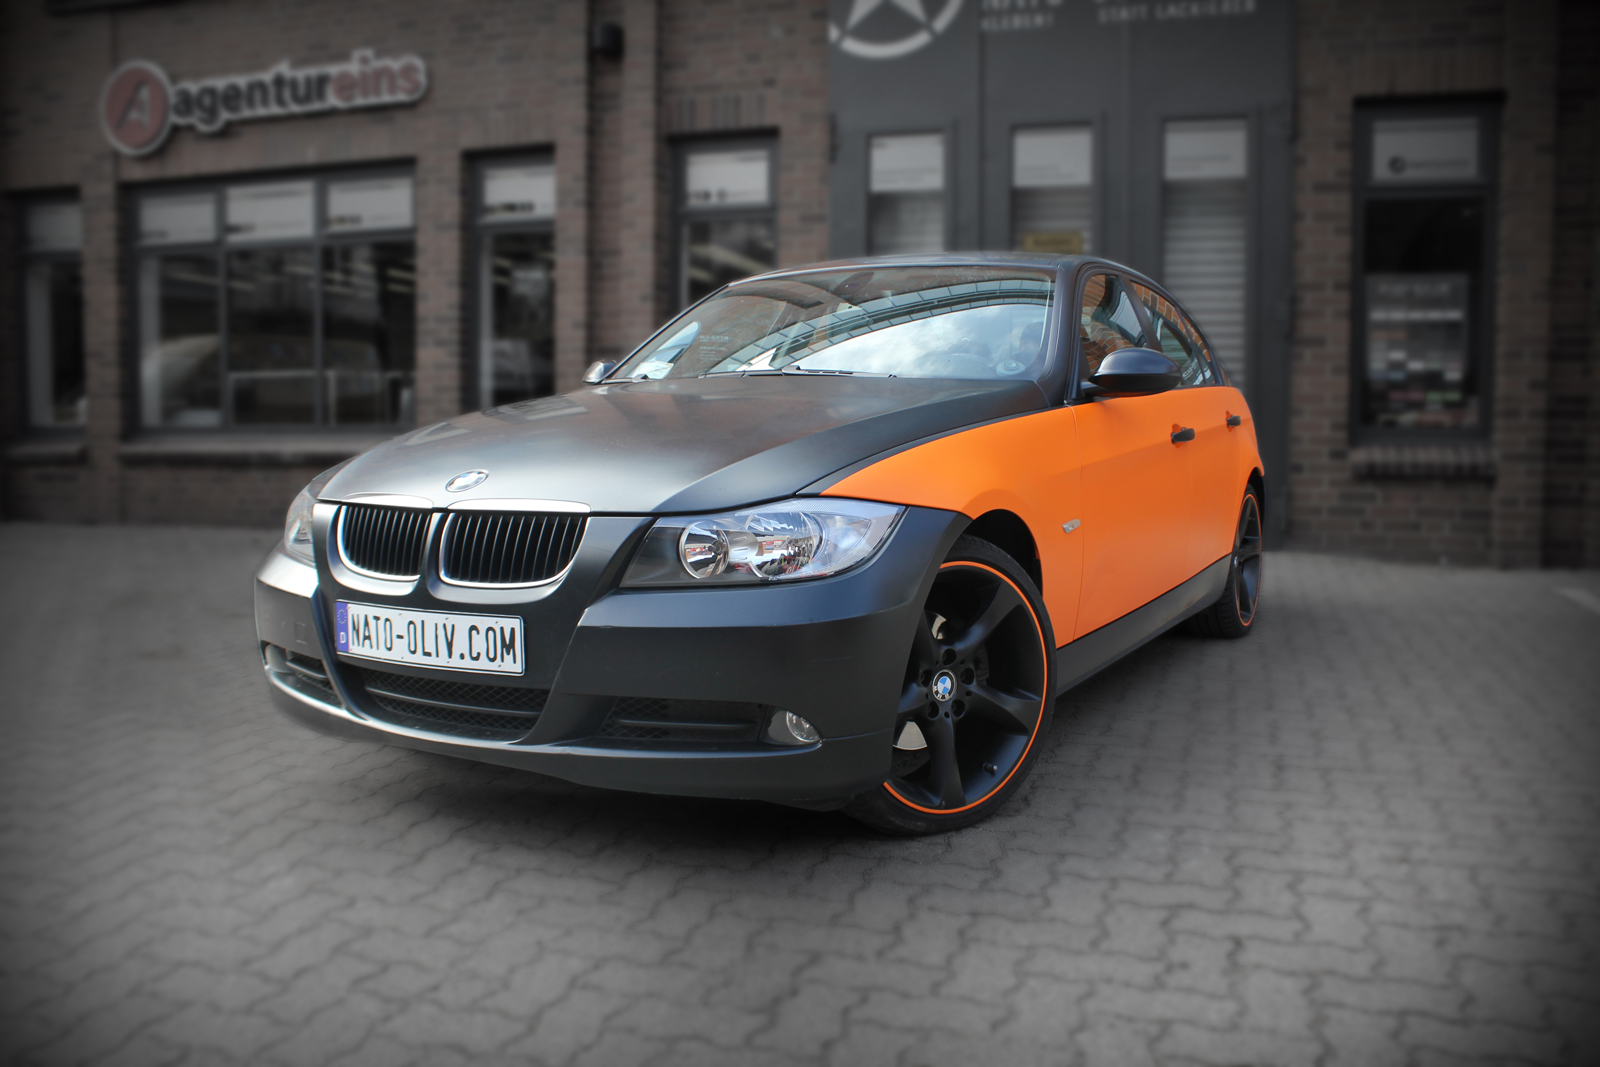 schräge Frontansicht eines 3er BMW's mit Teilfolierung in orange matt